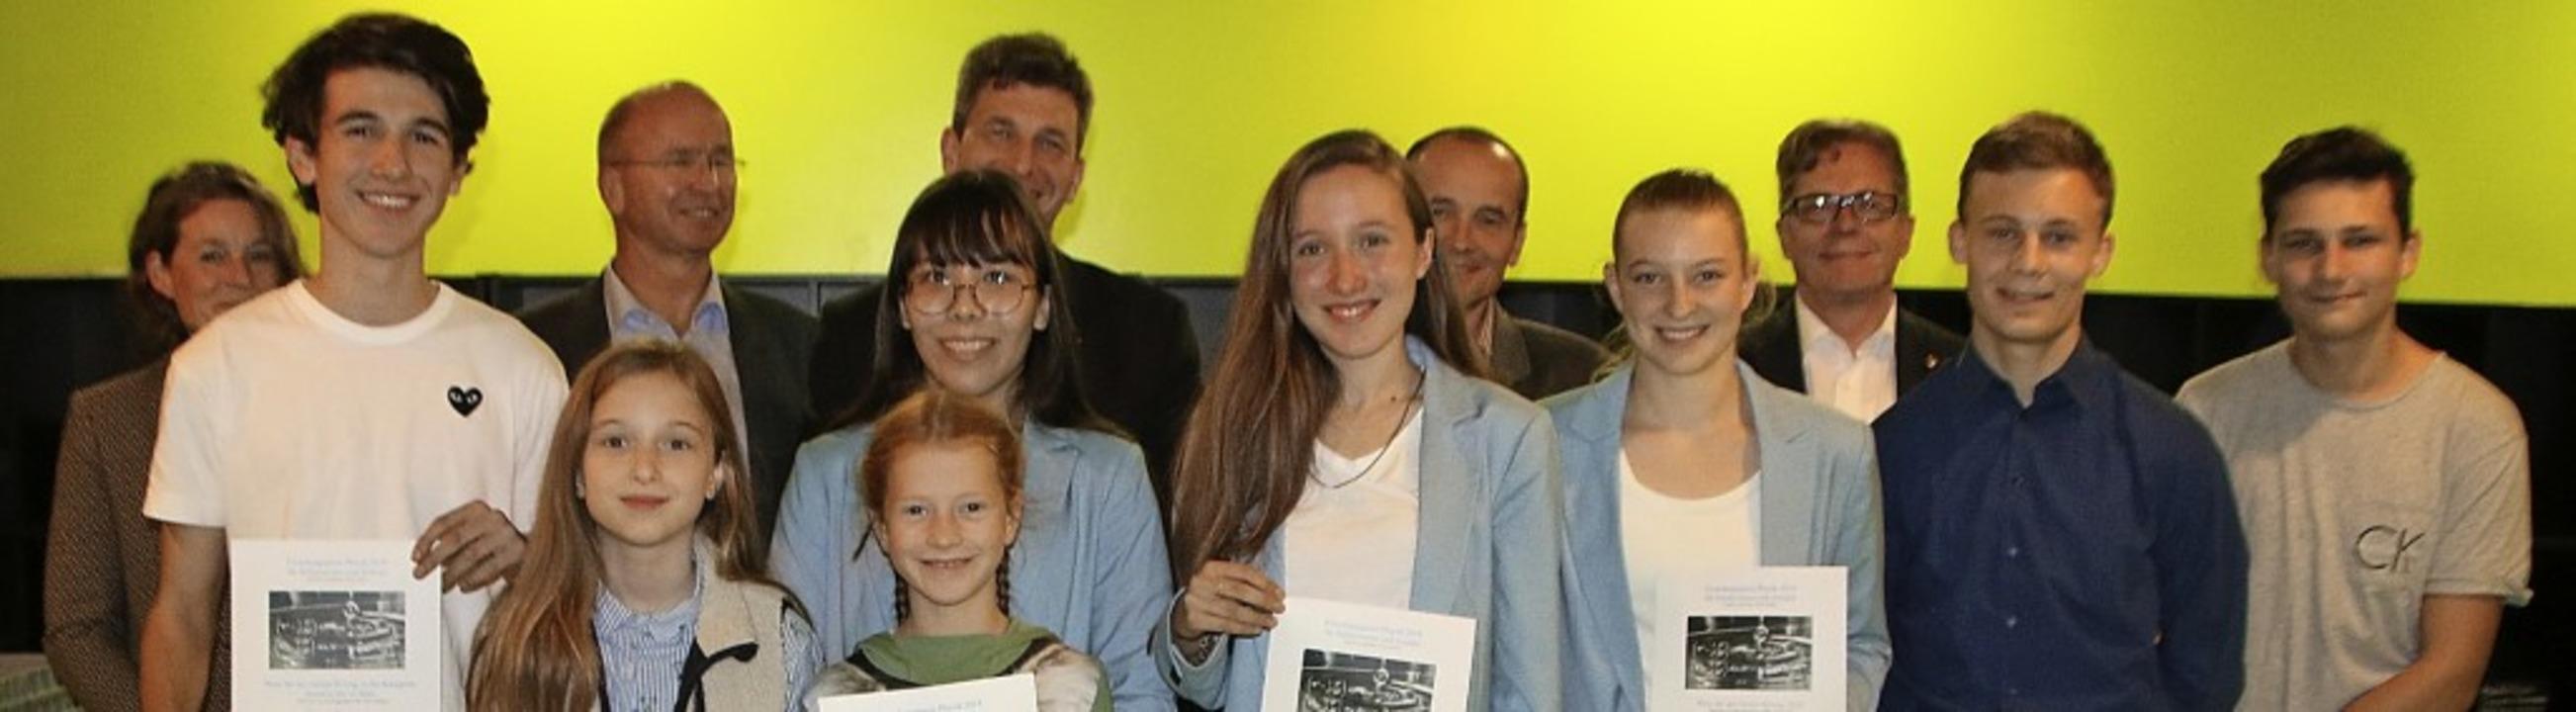 Die Jury und die Preisträger des Rotary-Schülerforschungspreises    Foto: Rotary-Club Lörrach